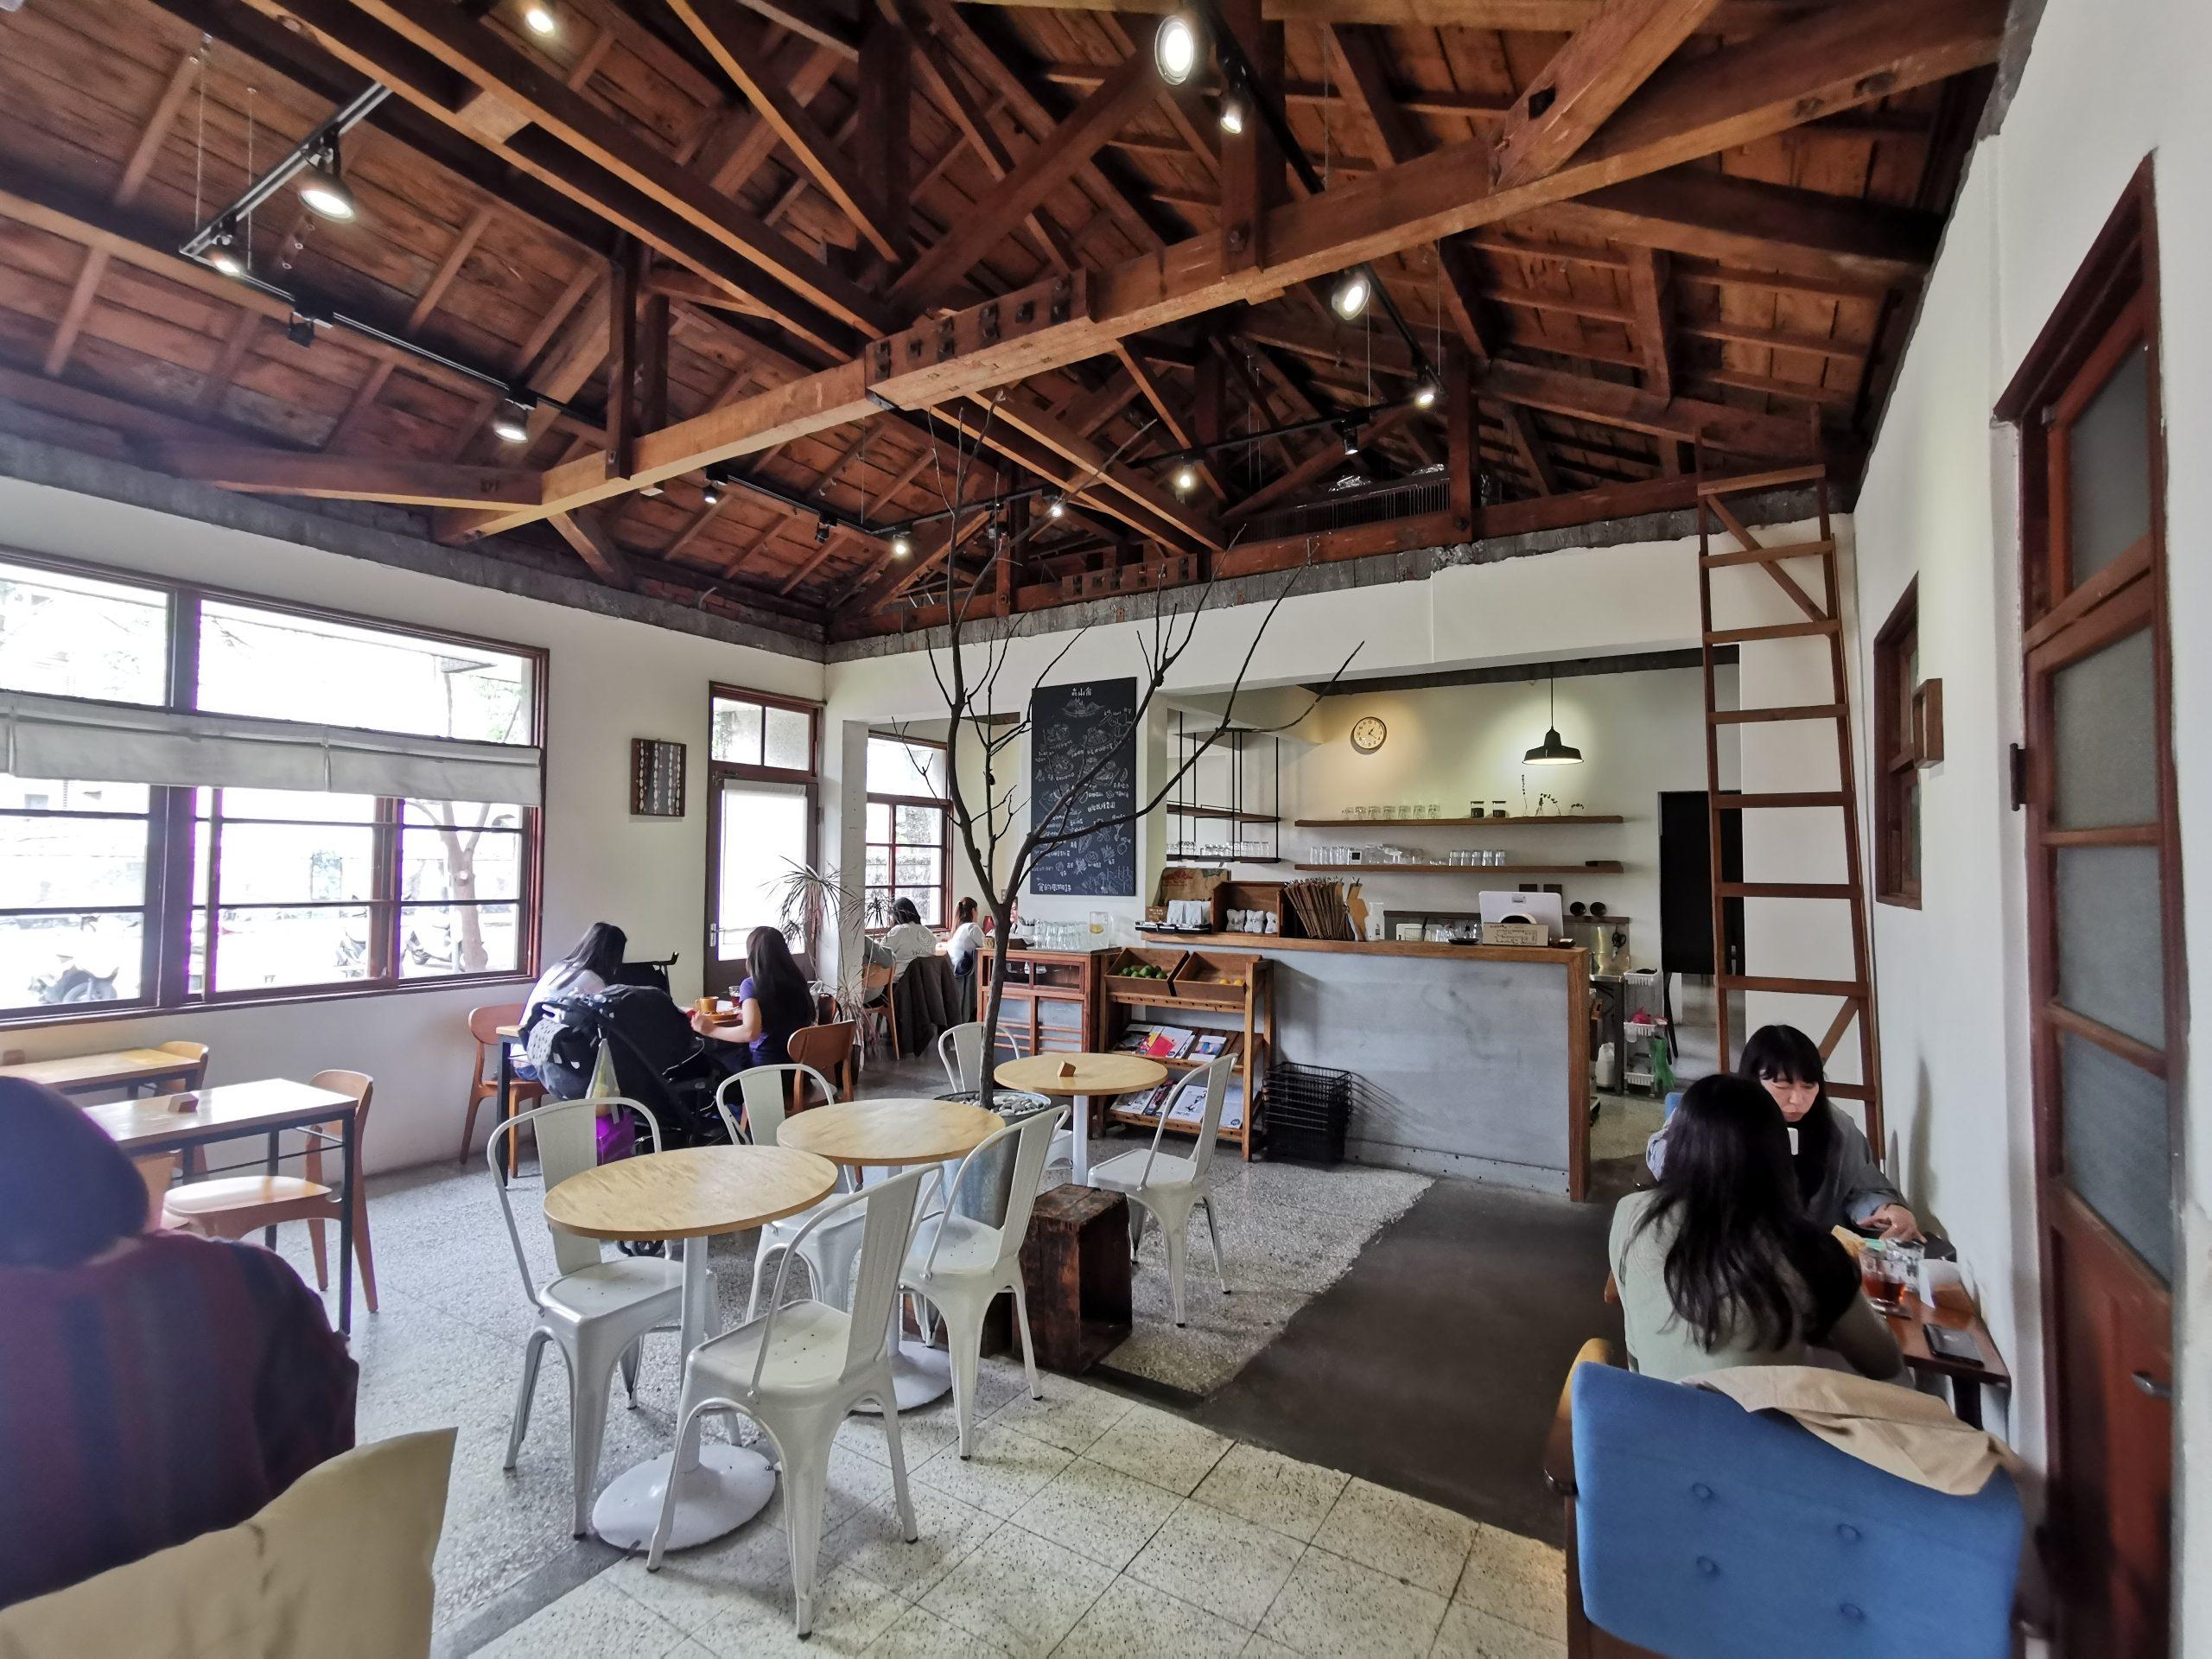 【花蓮咖啡廳】森山舍,日式老屋早午餐景觀餐廳,絕美窗景就在這! @小環妞 幸福足跡